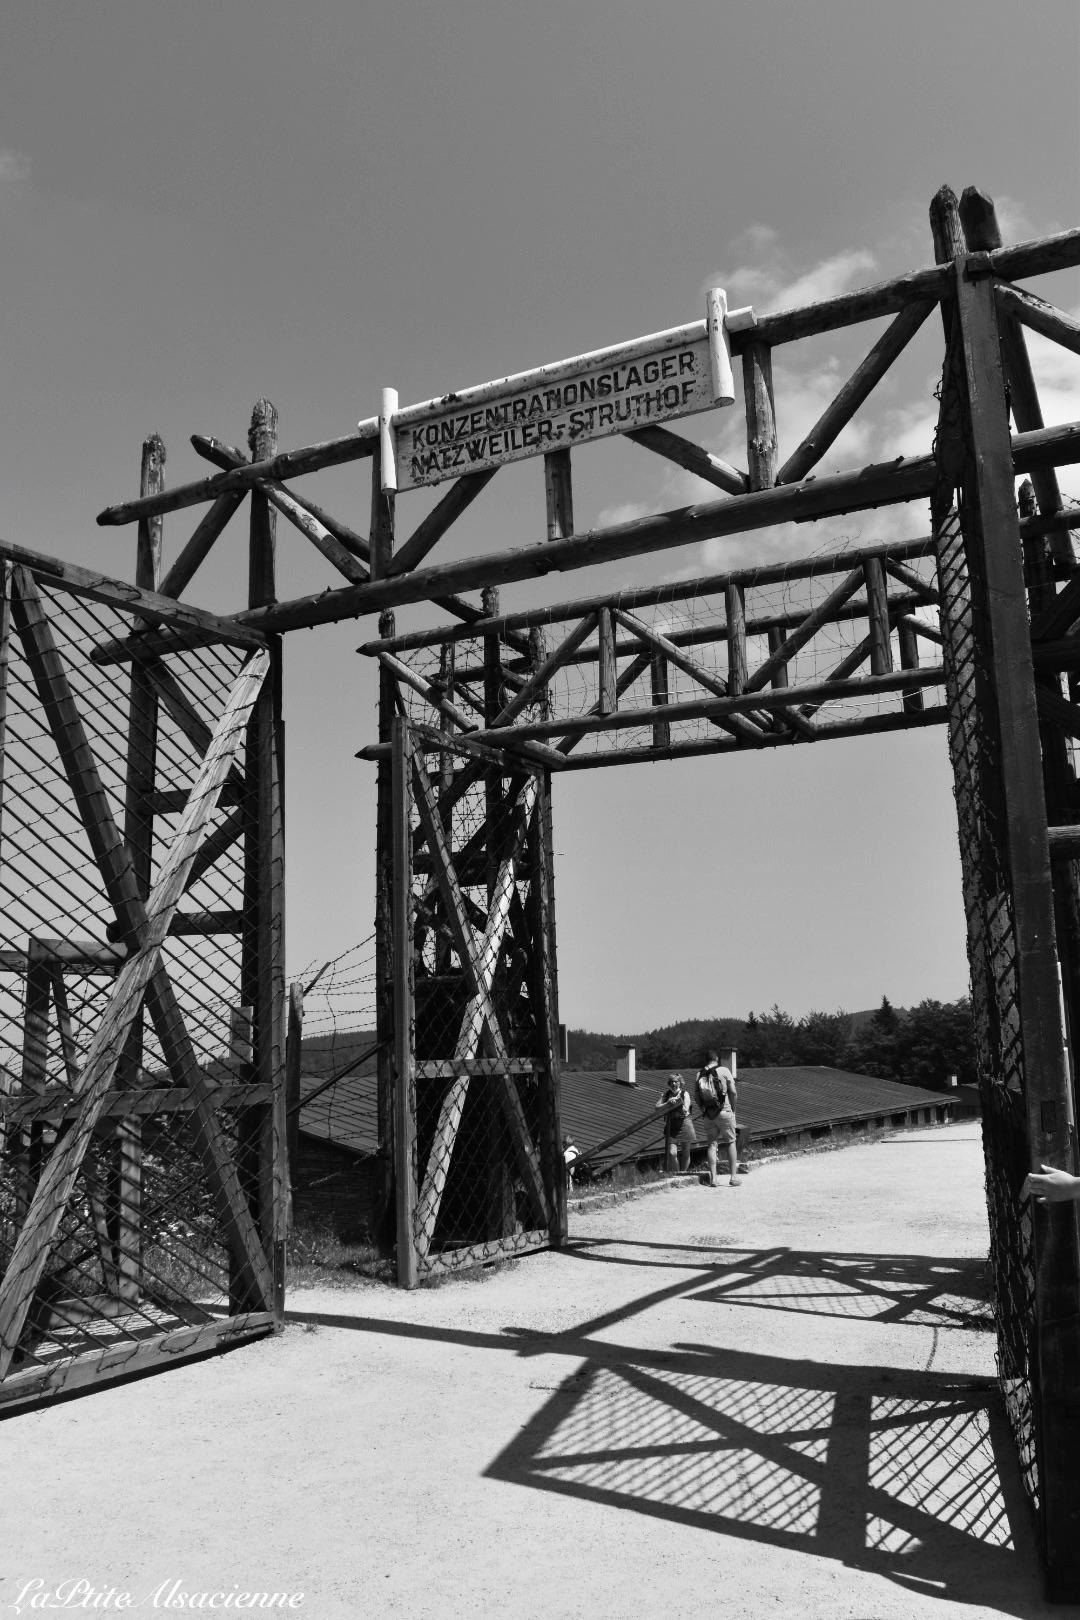 Entrée en noir et blanc du camp de concentration du Struthof à Natzwiller en Alsace. Photo de Cendrine Miesch